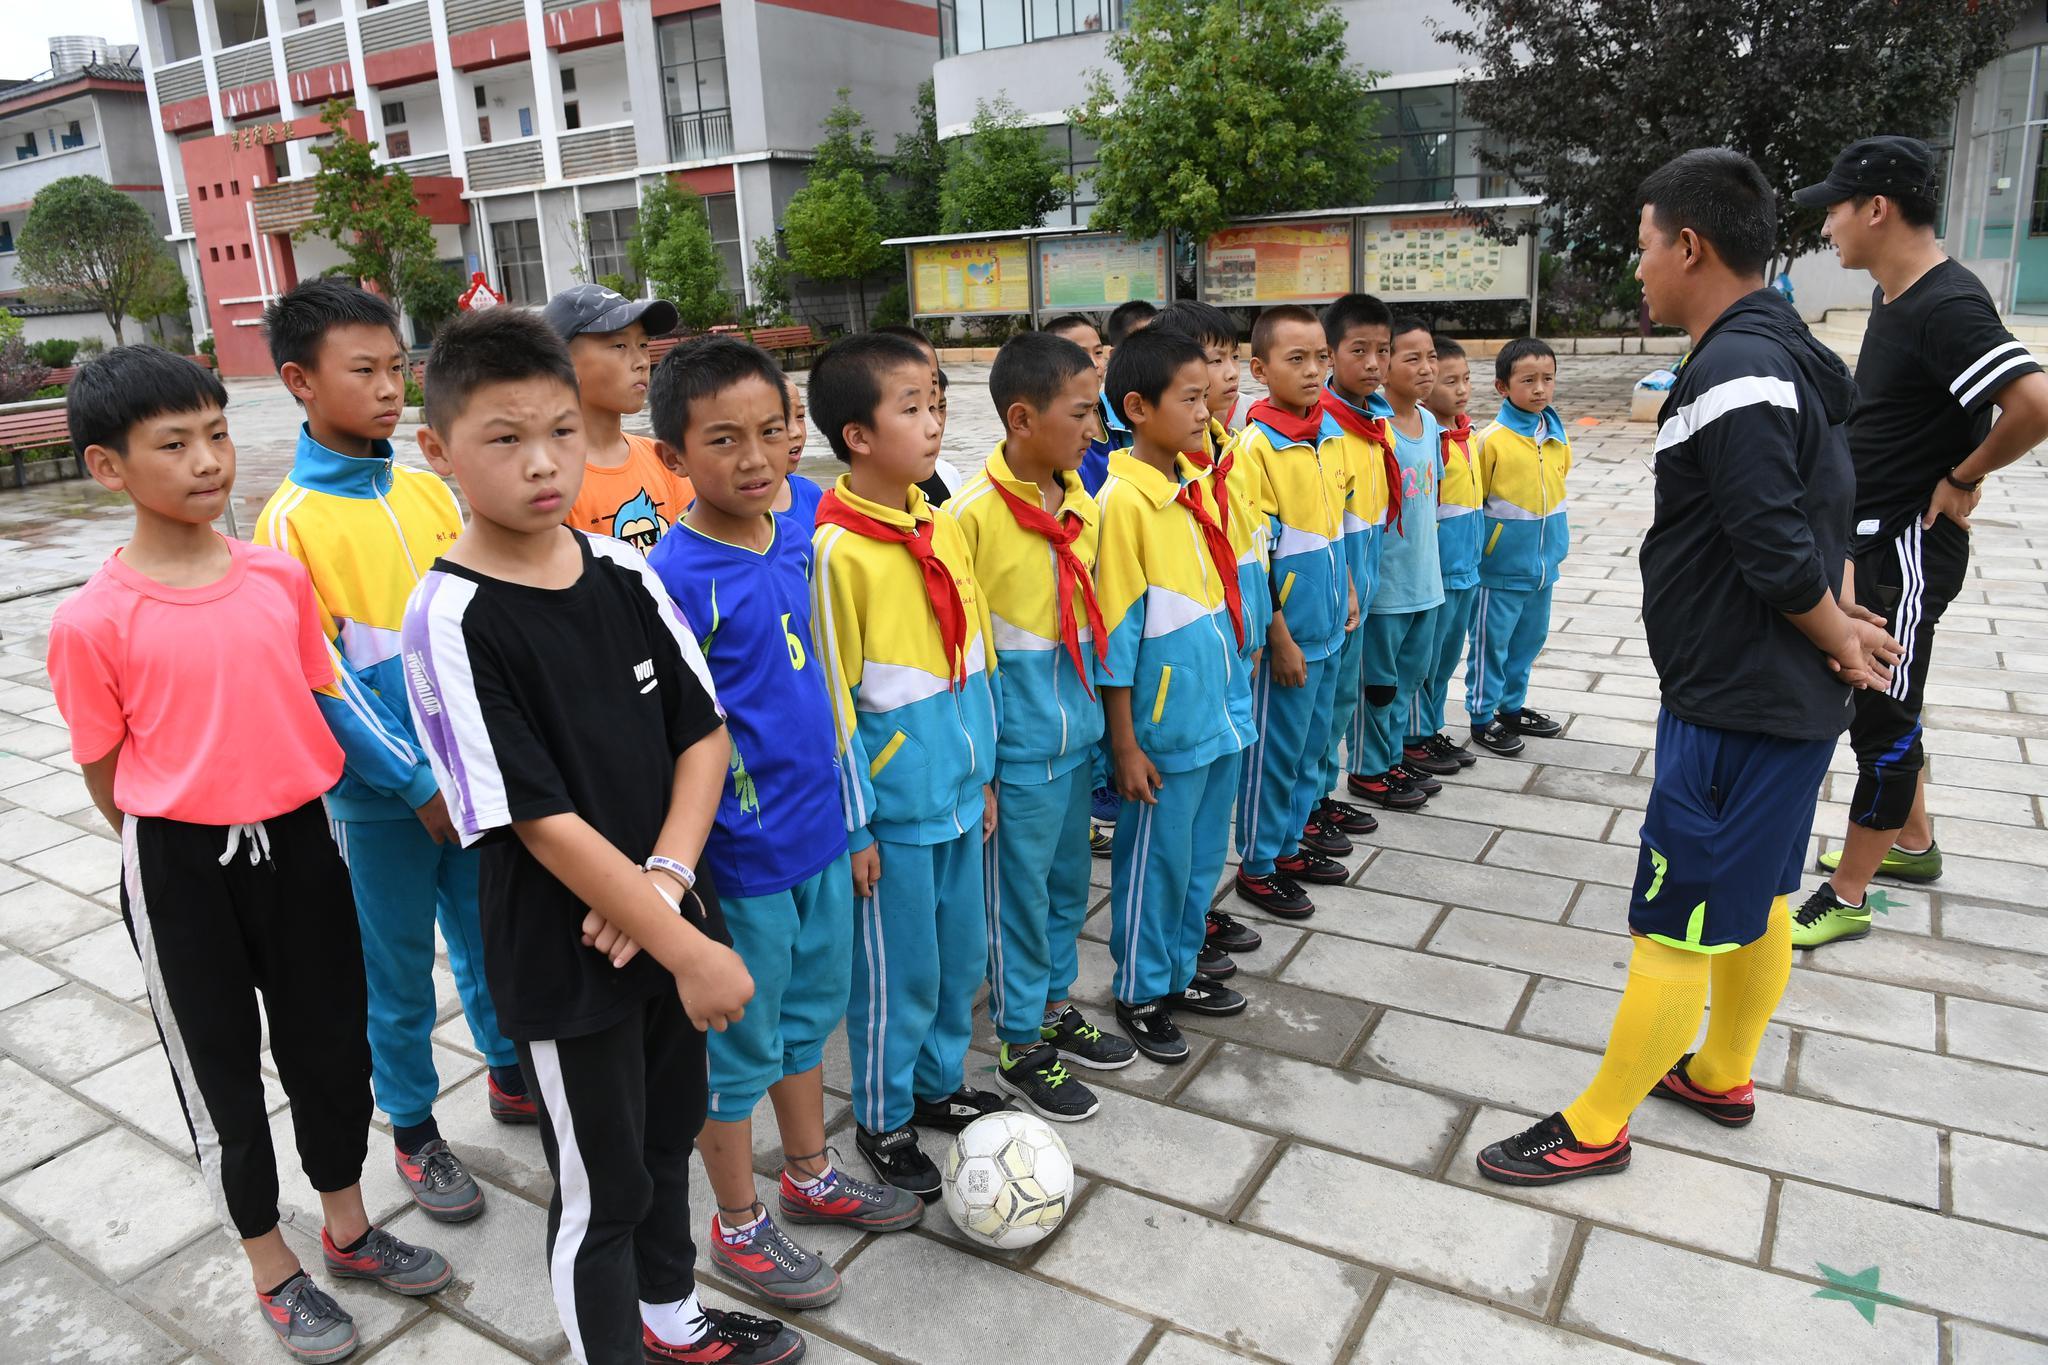 """北京的职业足球教练给""""追风""""少年带来了足球装备与技术"""